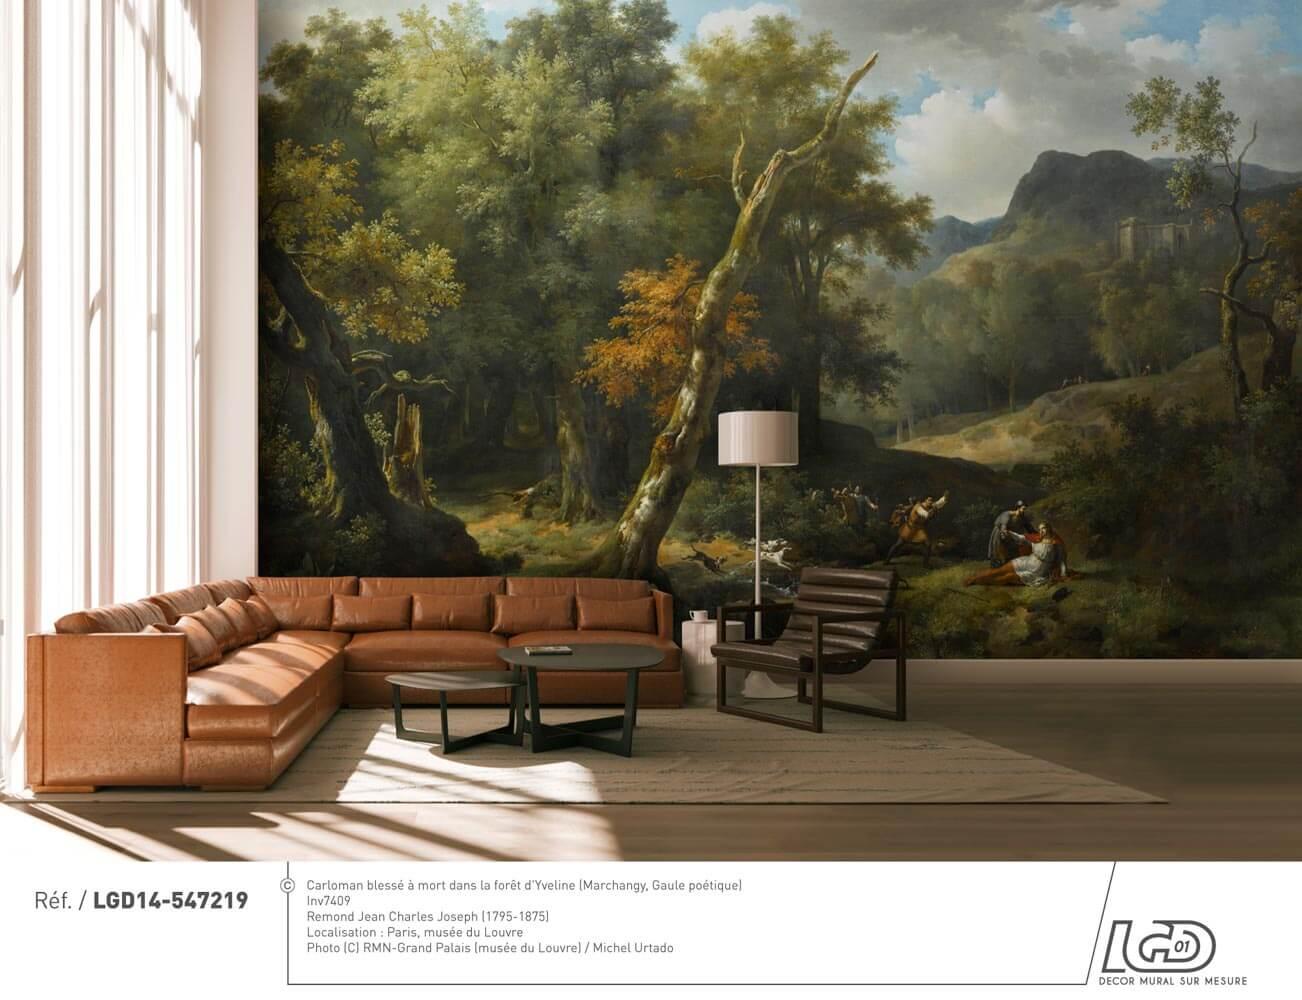 Collection de papier peint Multilés Réf. LGD-14-547219© par LGD01